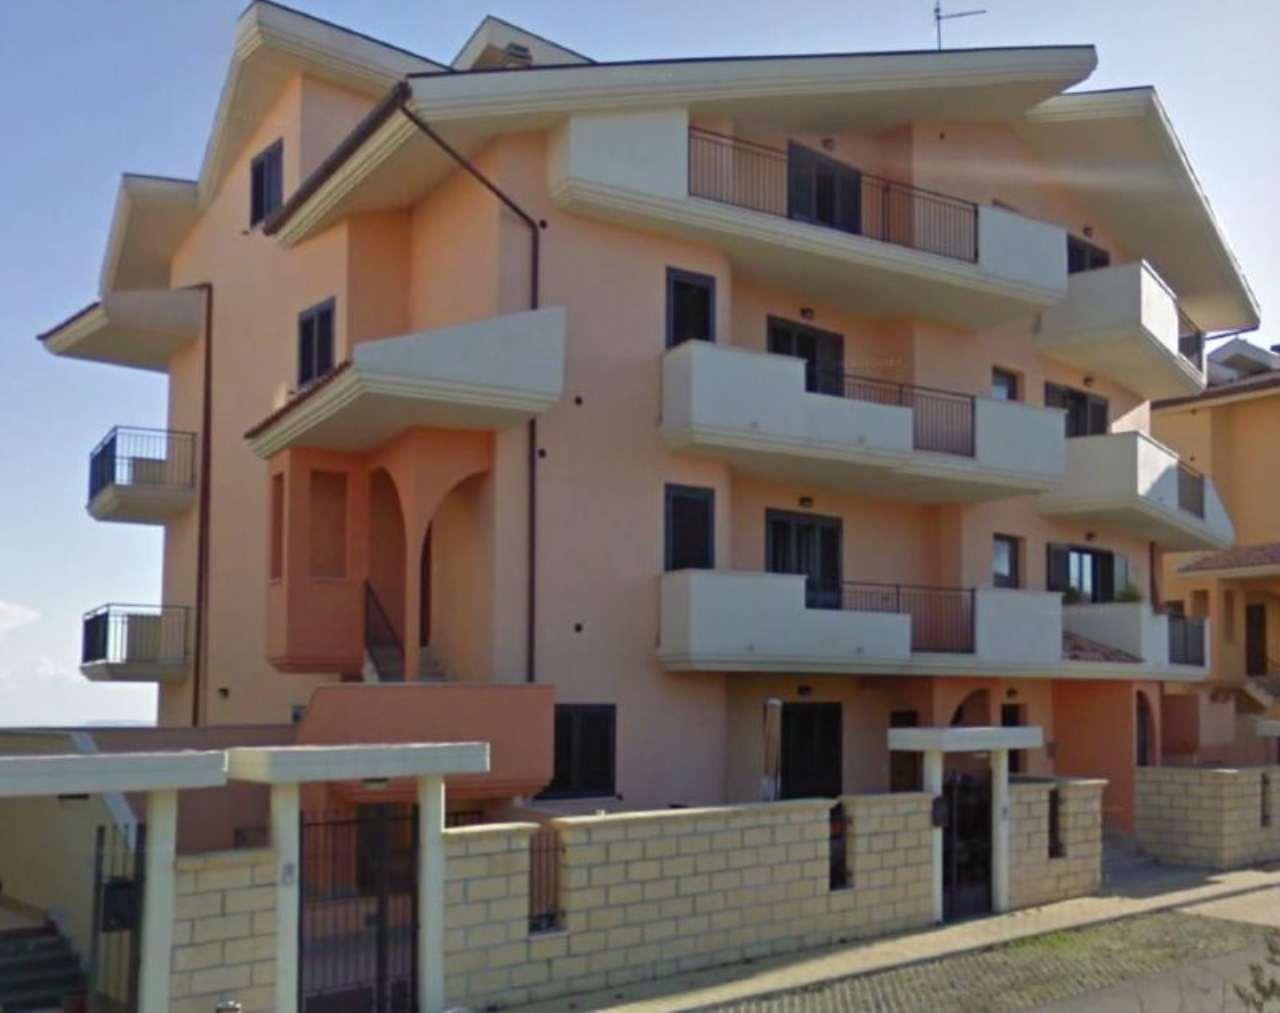 Soluzione Indipendente in affitto a Penne, 5 locali, prezzo € 380 | Cambio Casa.it